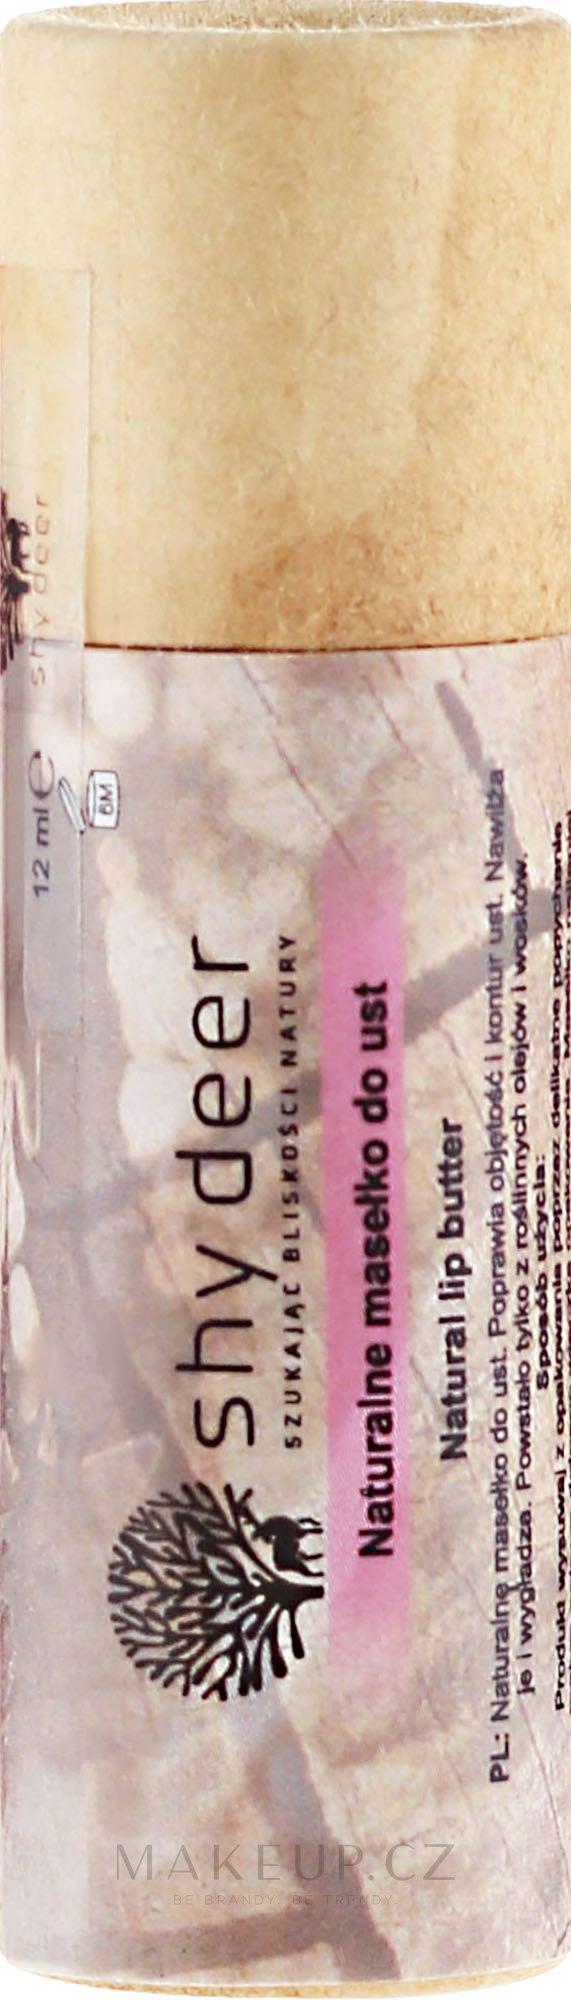 Přírodní olej na rty - Shy Deer Natural Lip Butter — foto 12 ml